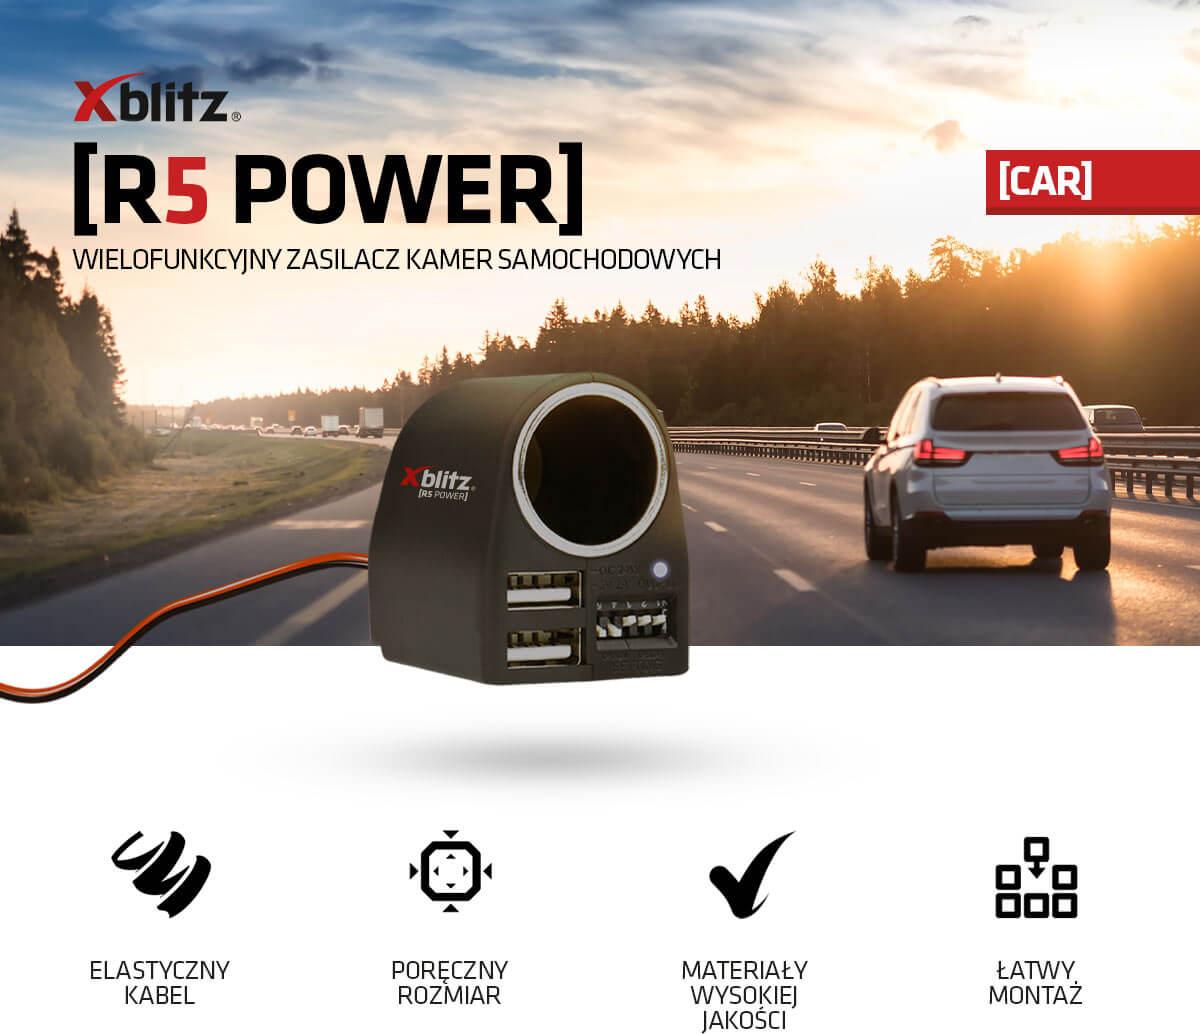 Wielofunkcyjny zasilacz kamer samochodowych Xblitz R5 POWER